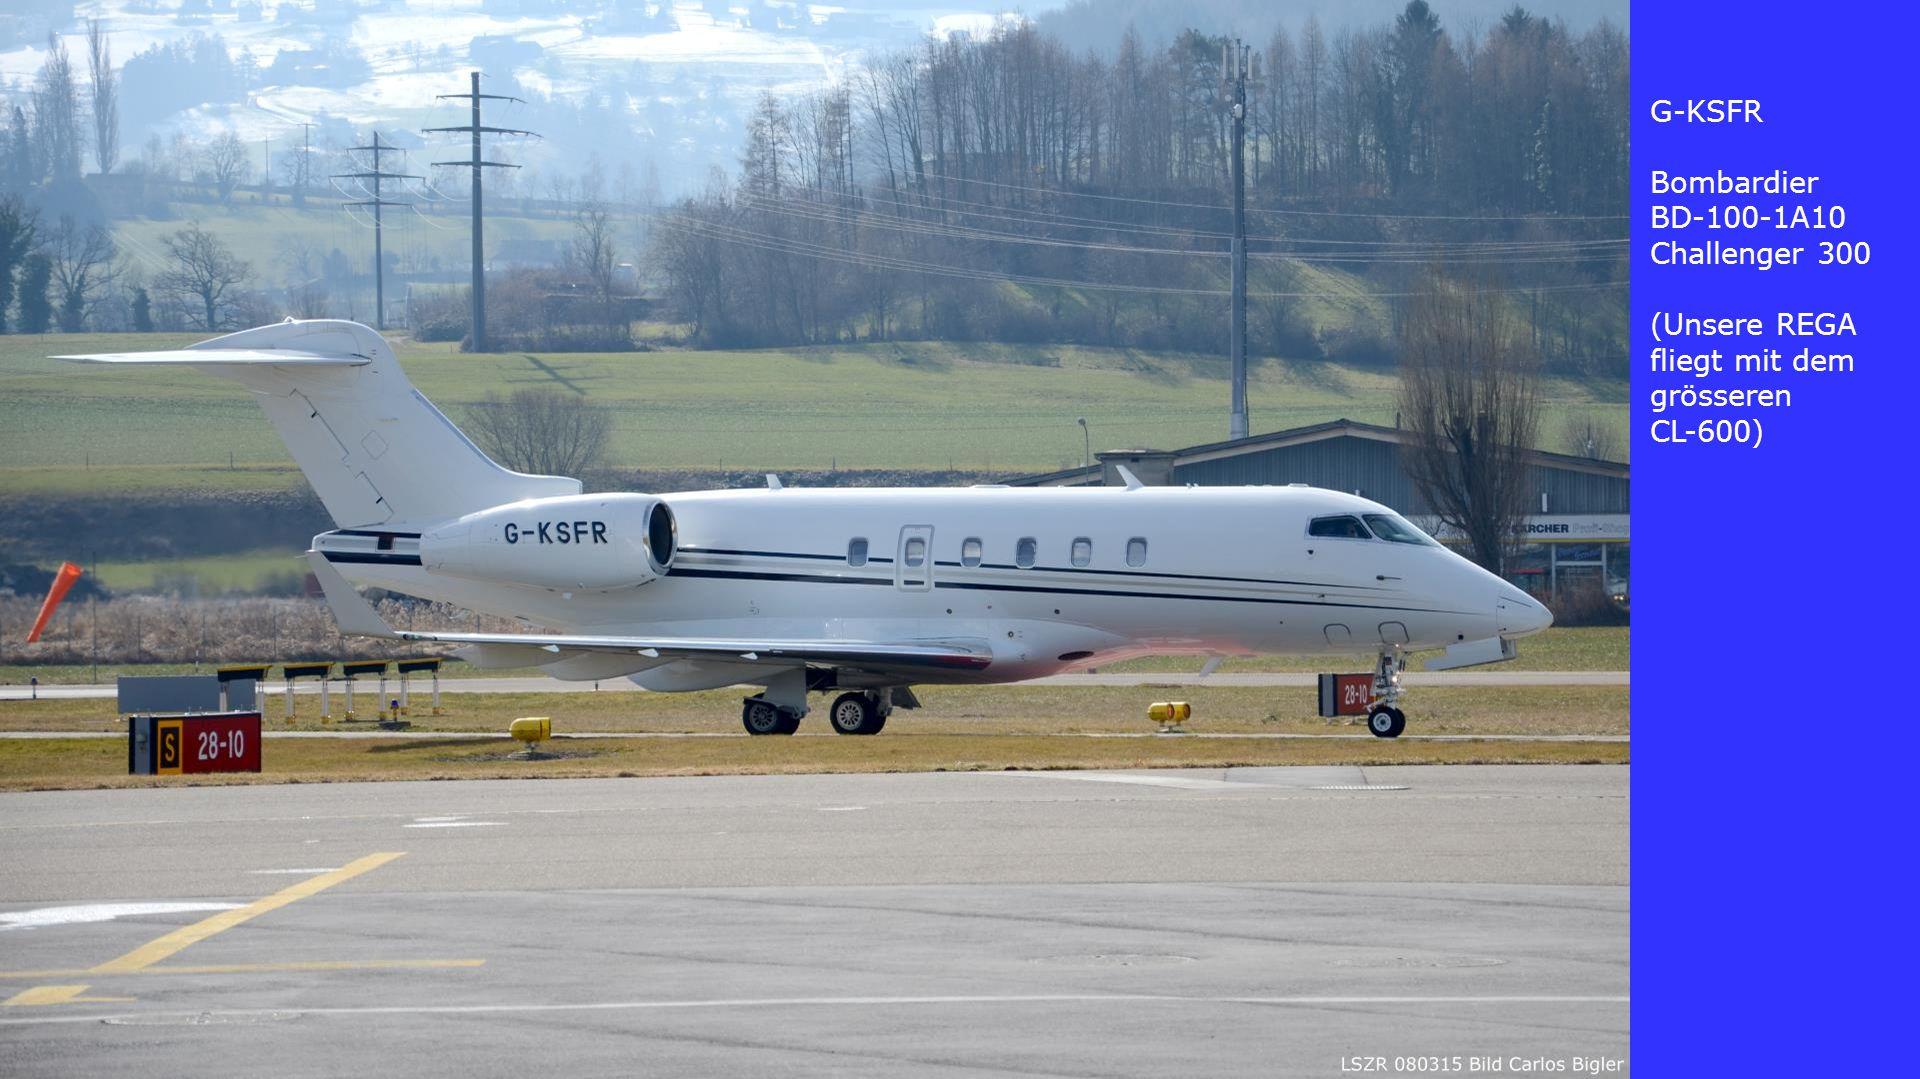 G-KSFR Bombardier BD-100-1A10 Challenger 300 (Unsere REGA fliegt mit dem grösseren CL-600)